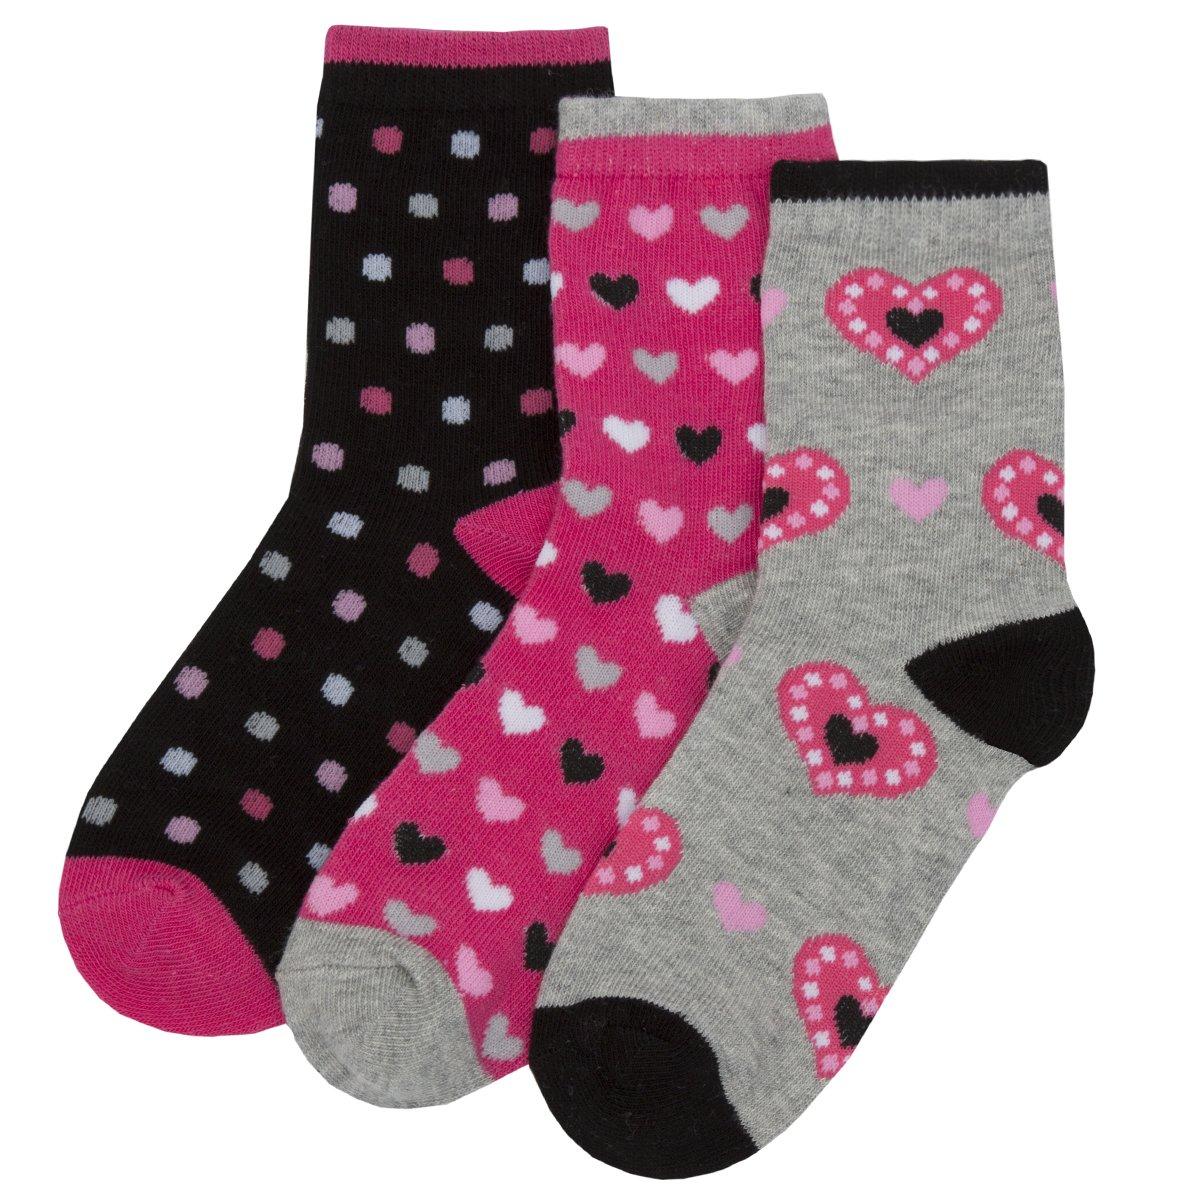 Calcetines de algodón para niñas, diseño de personajes, de Zest diseño de personajes